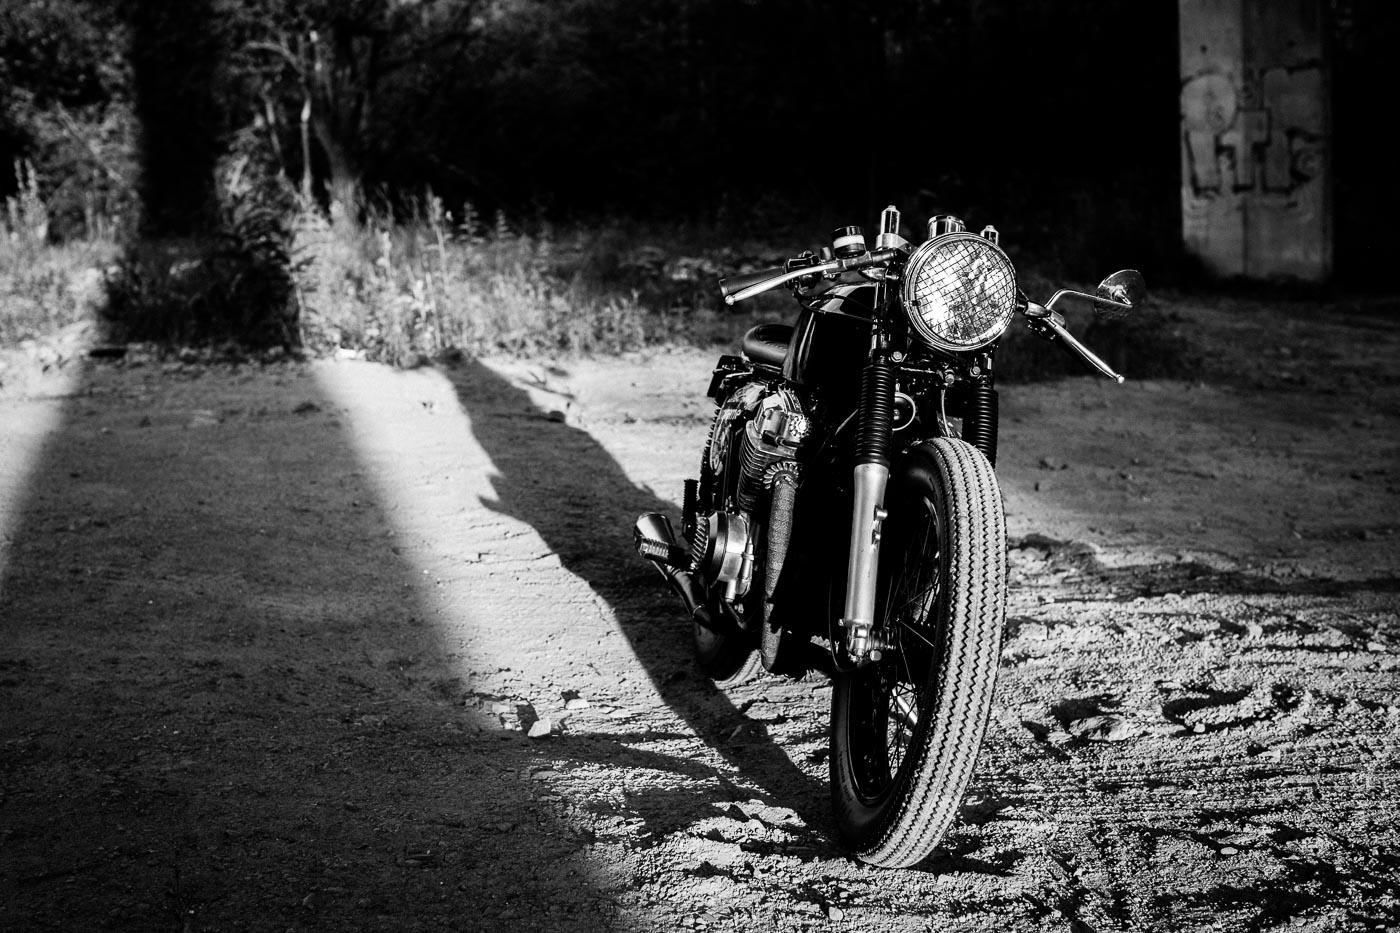 WilkieVintage_Motorcycle_Projects @ Alan Thomas Duncan Wilkie-47.jpg